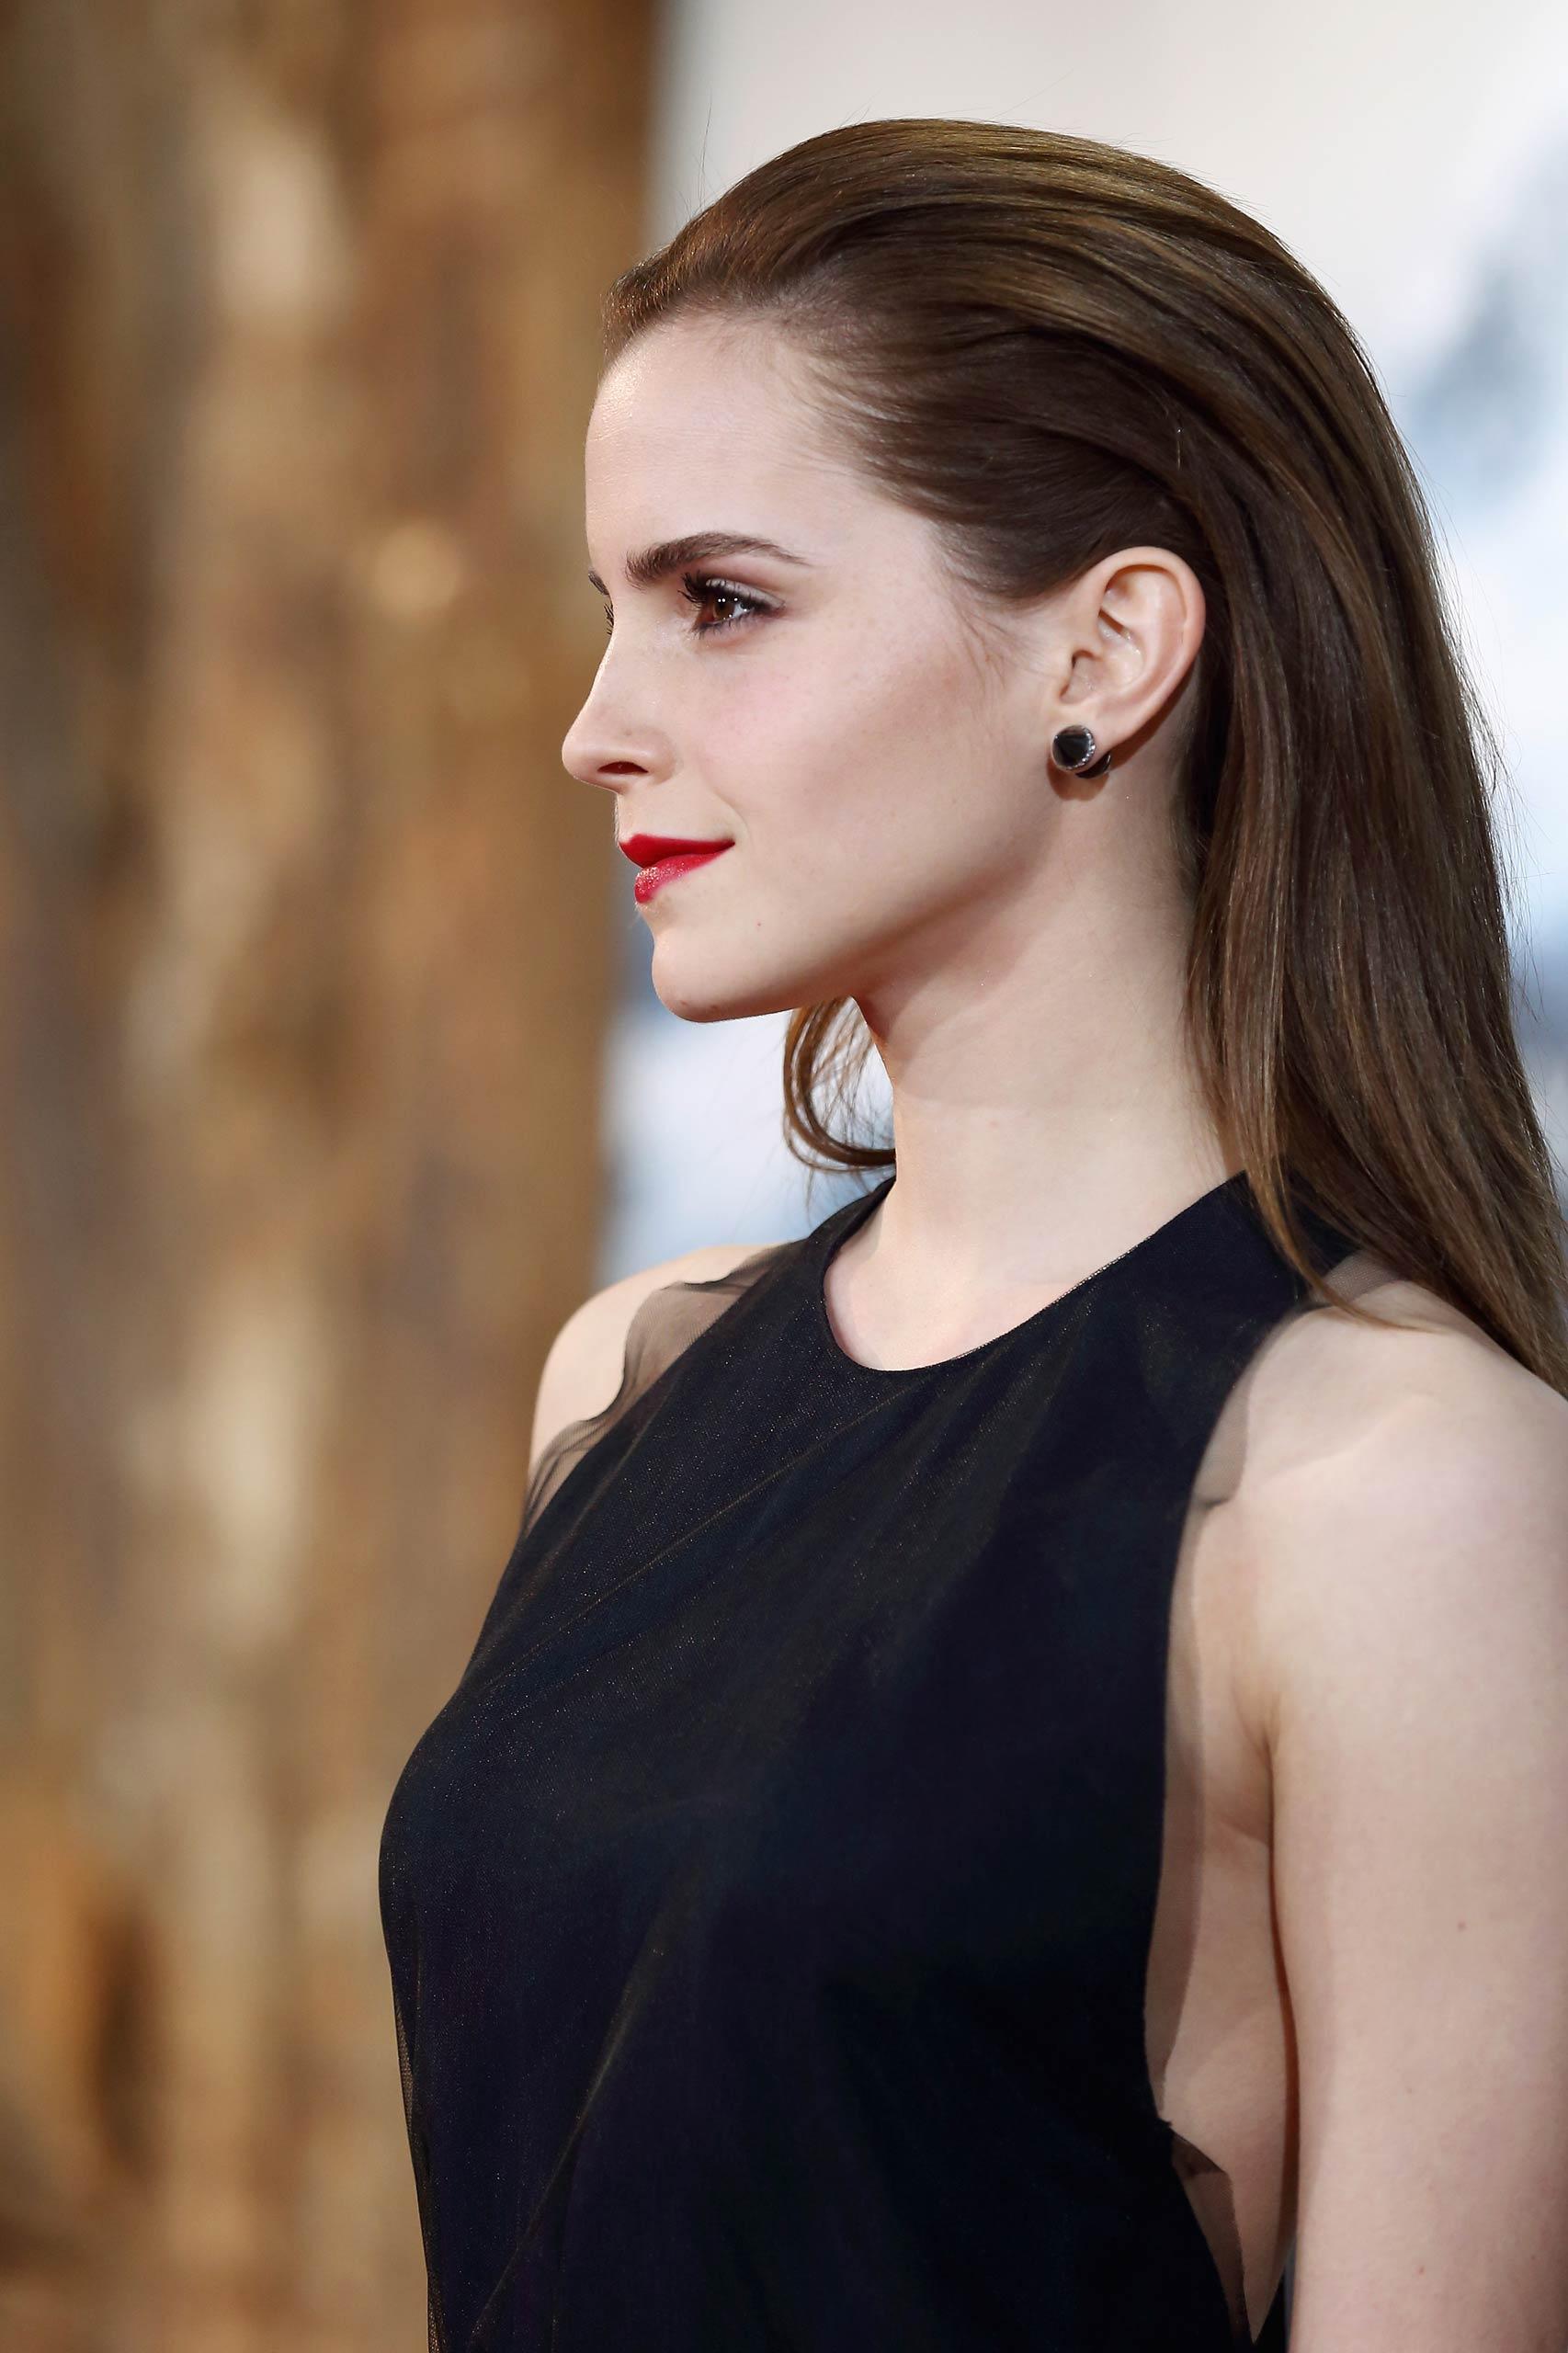 Emma Watson attends the premiere of <i>Noah</i> in Berlin in 2014.